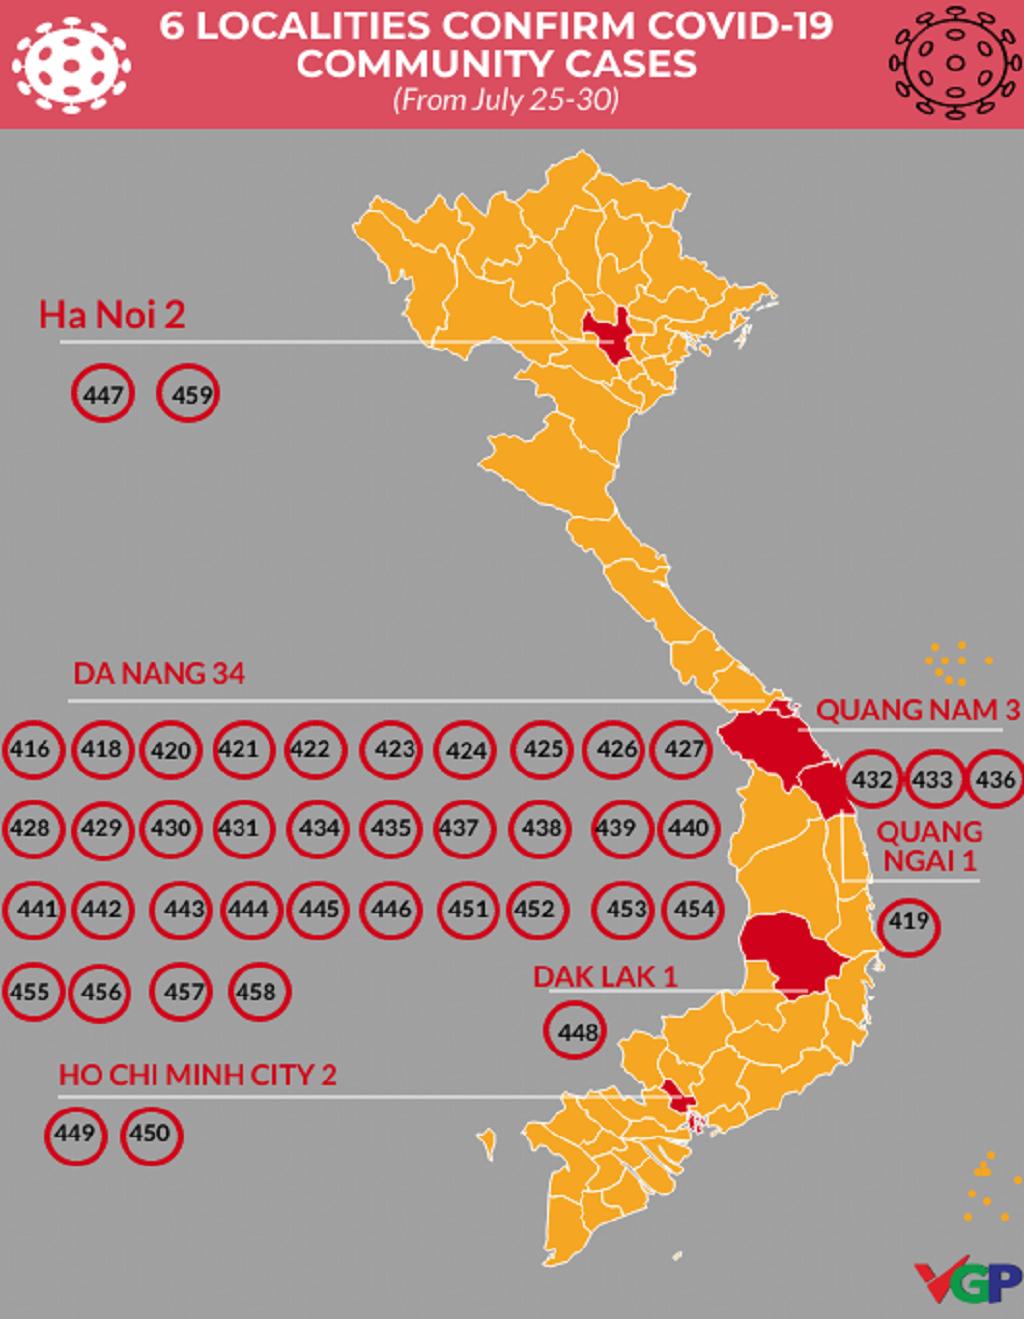 VN reports nine new COVID-19 community cases in HN, Da Nang